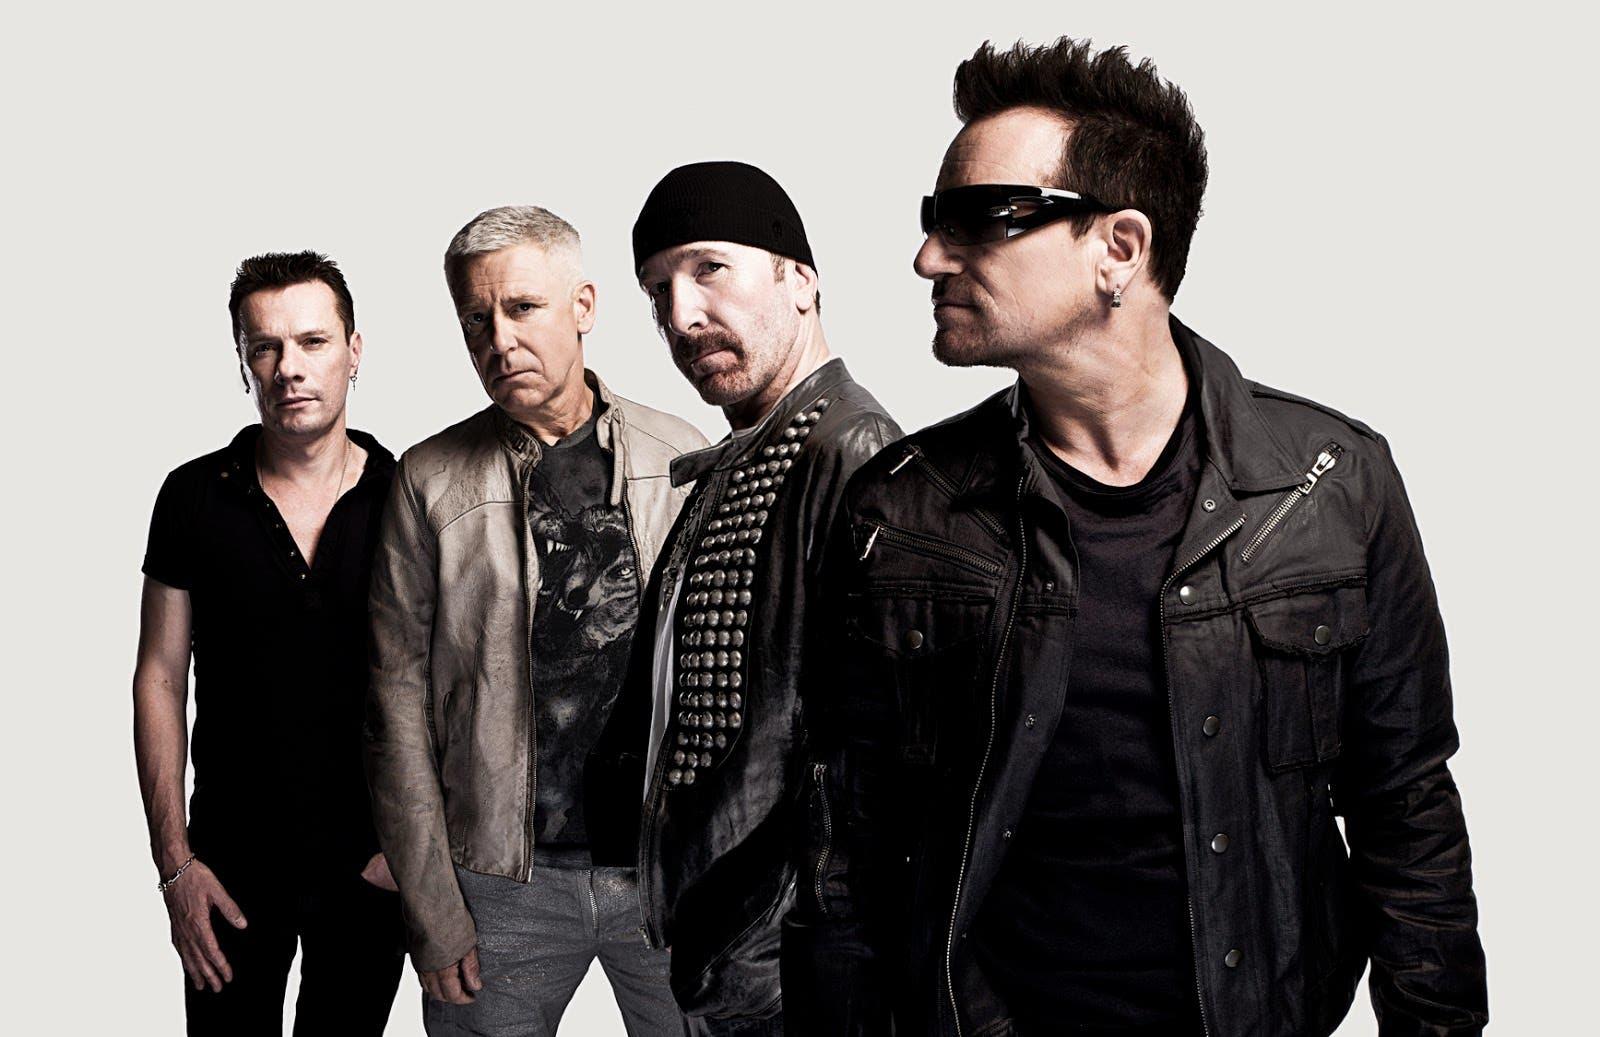 Confirmadas las canciones de U2 para Rock Band 4 15